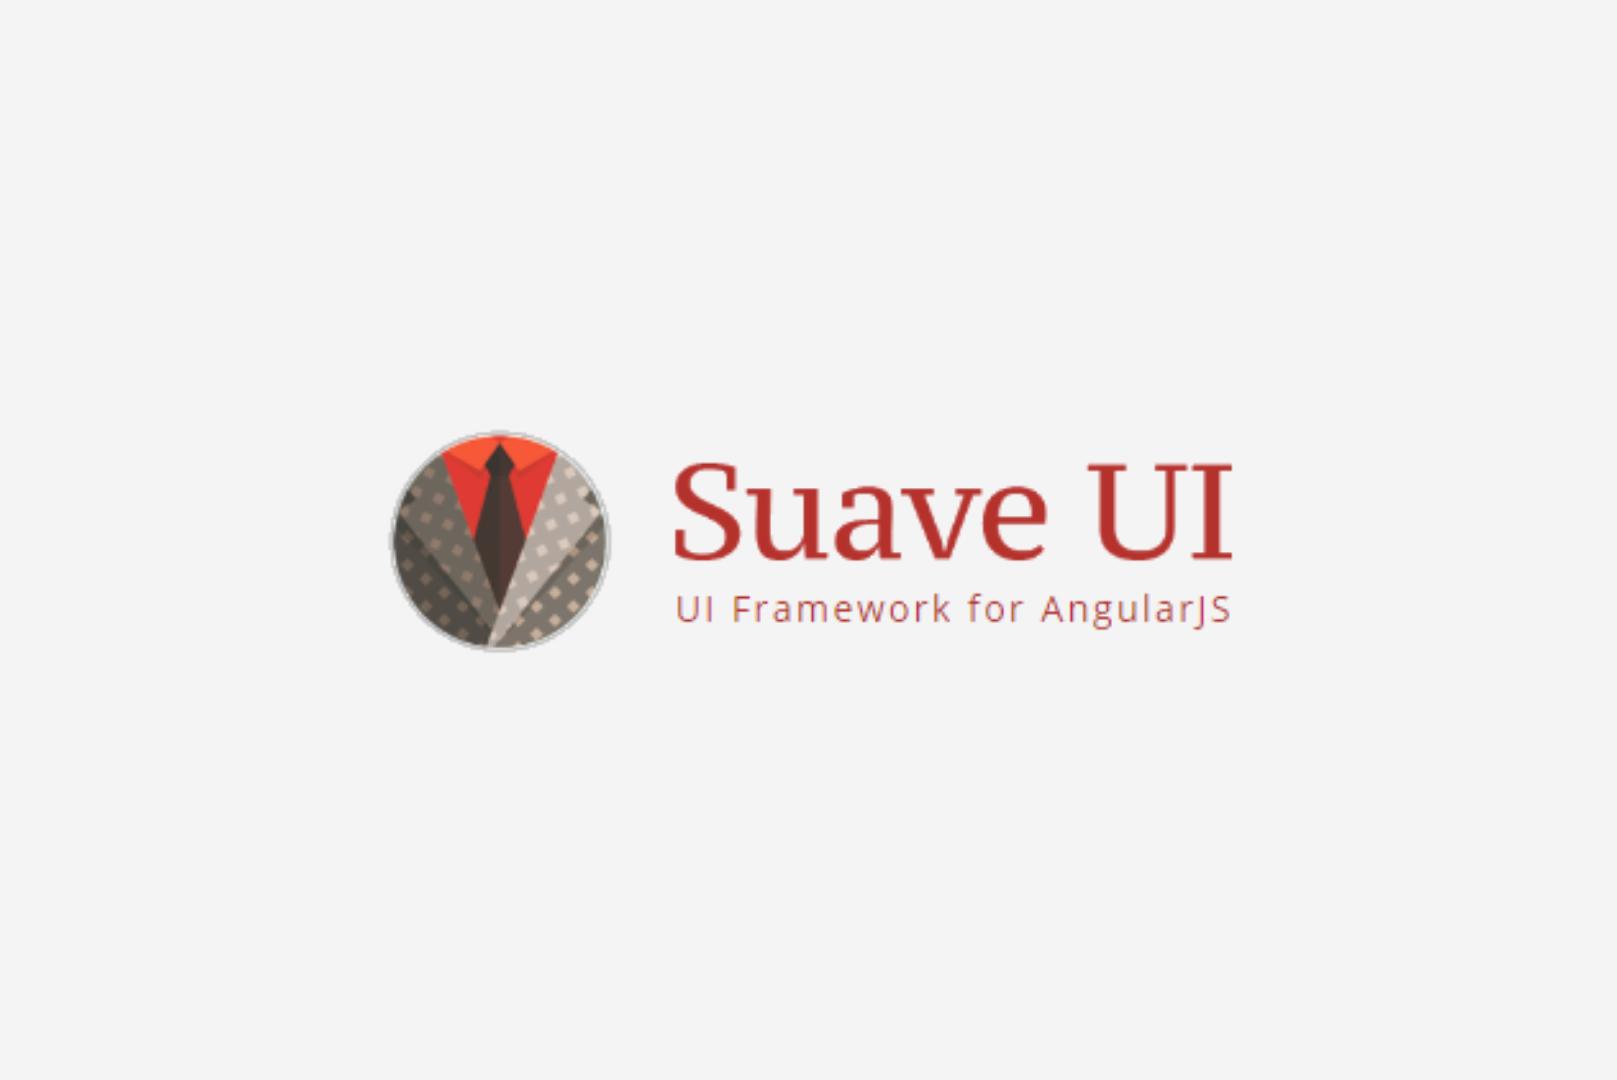 Suave UI frameworks